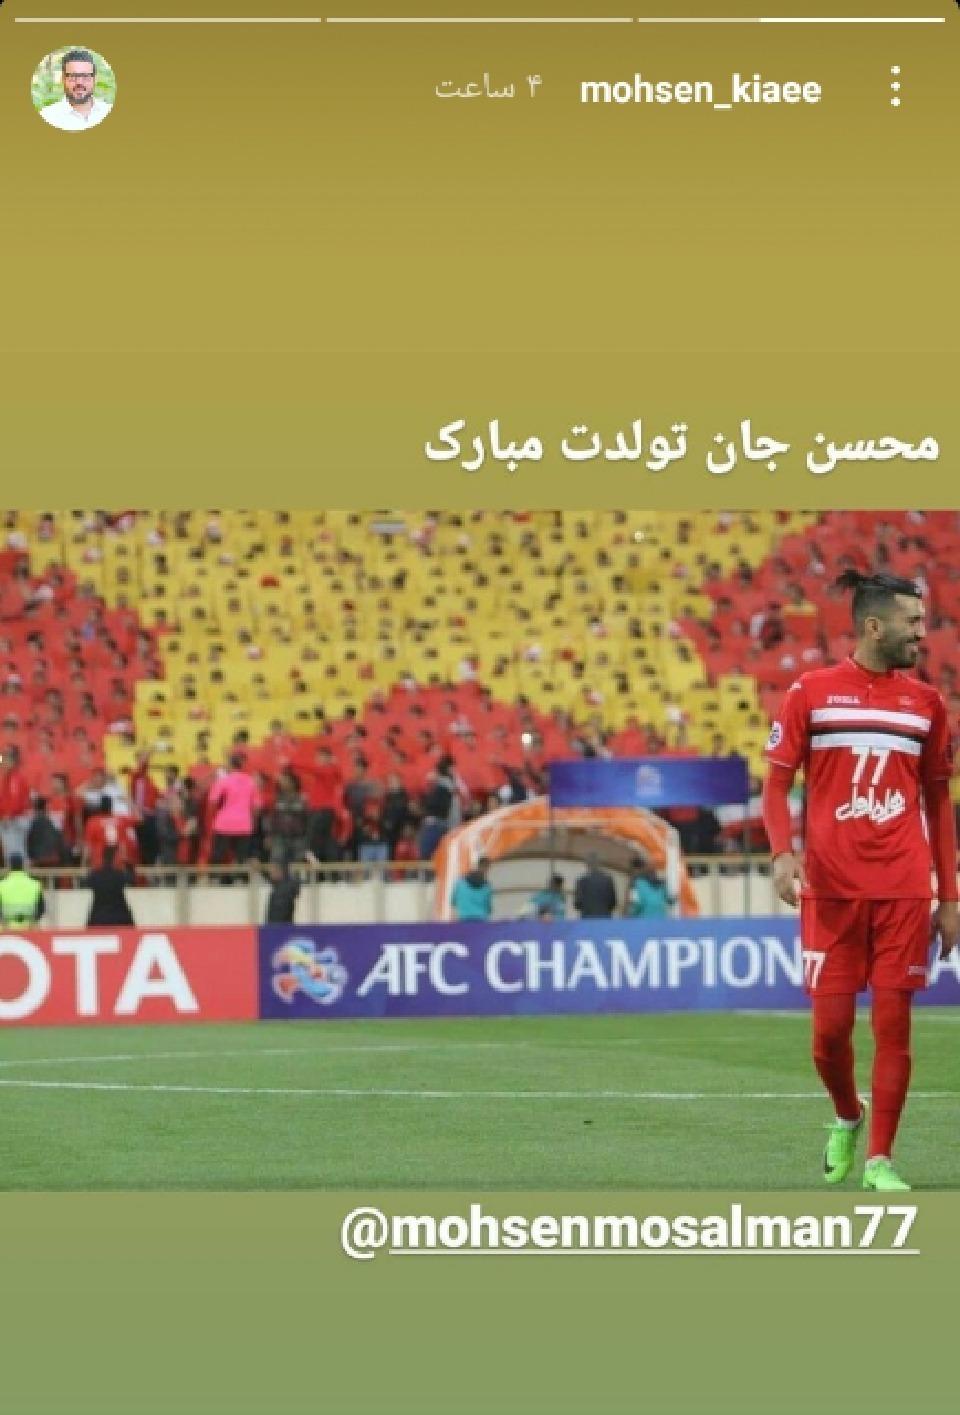 تبریک محسن کیایی به بازیکن پرسپولیس